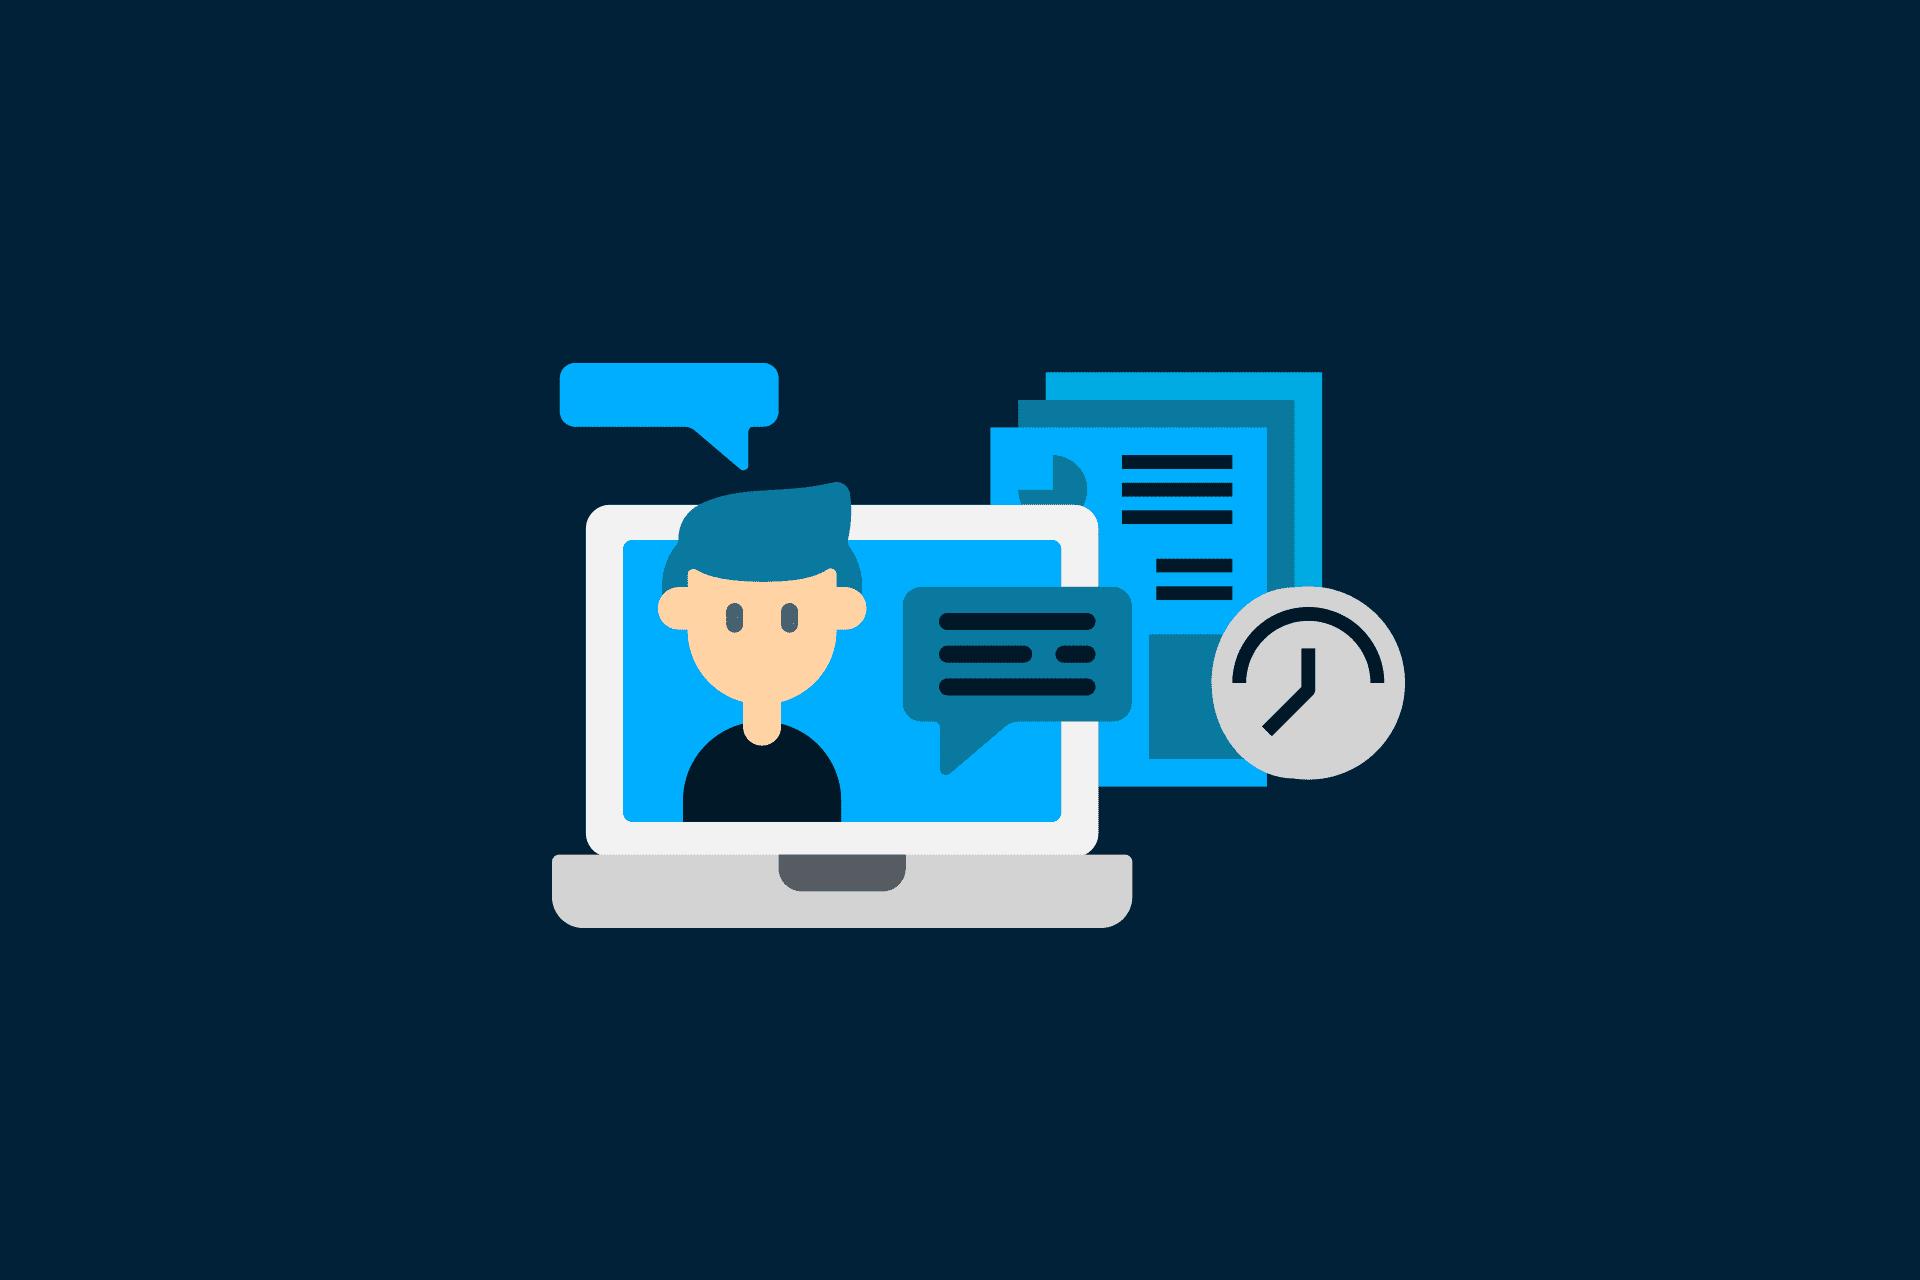 Como organizar a apresentação de trabalhos online?